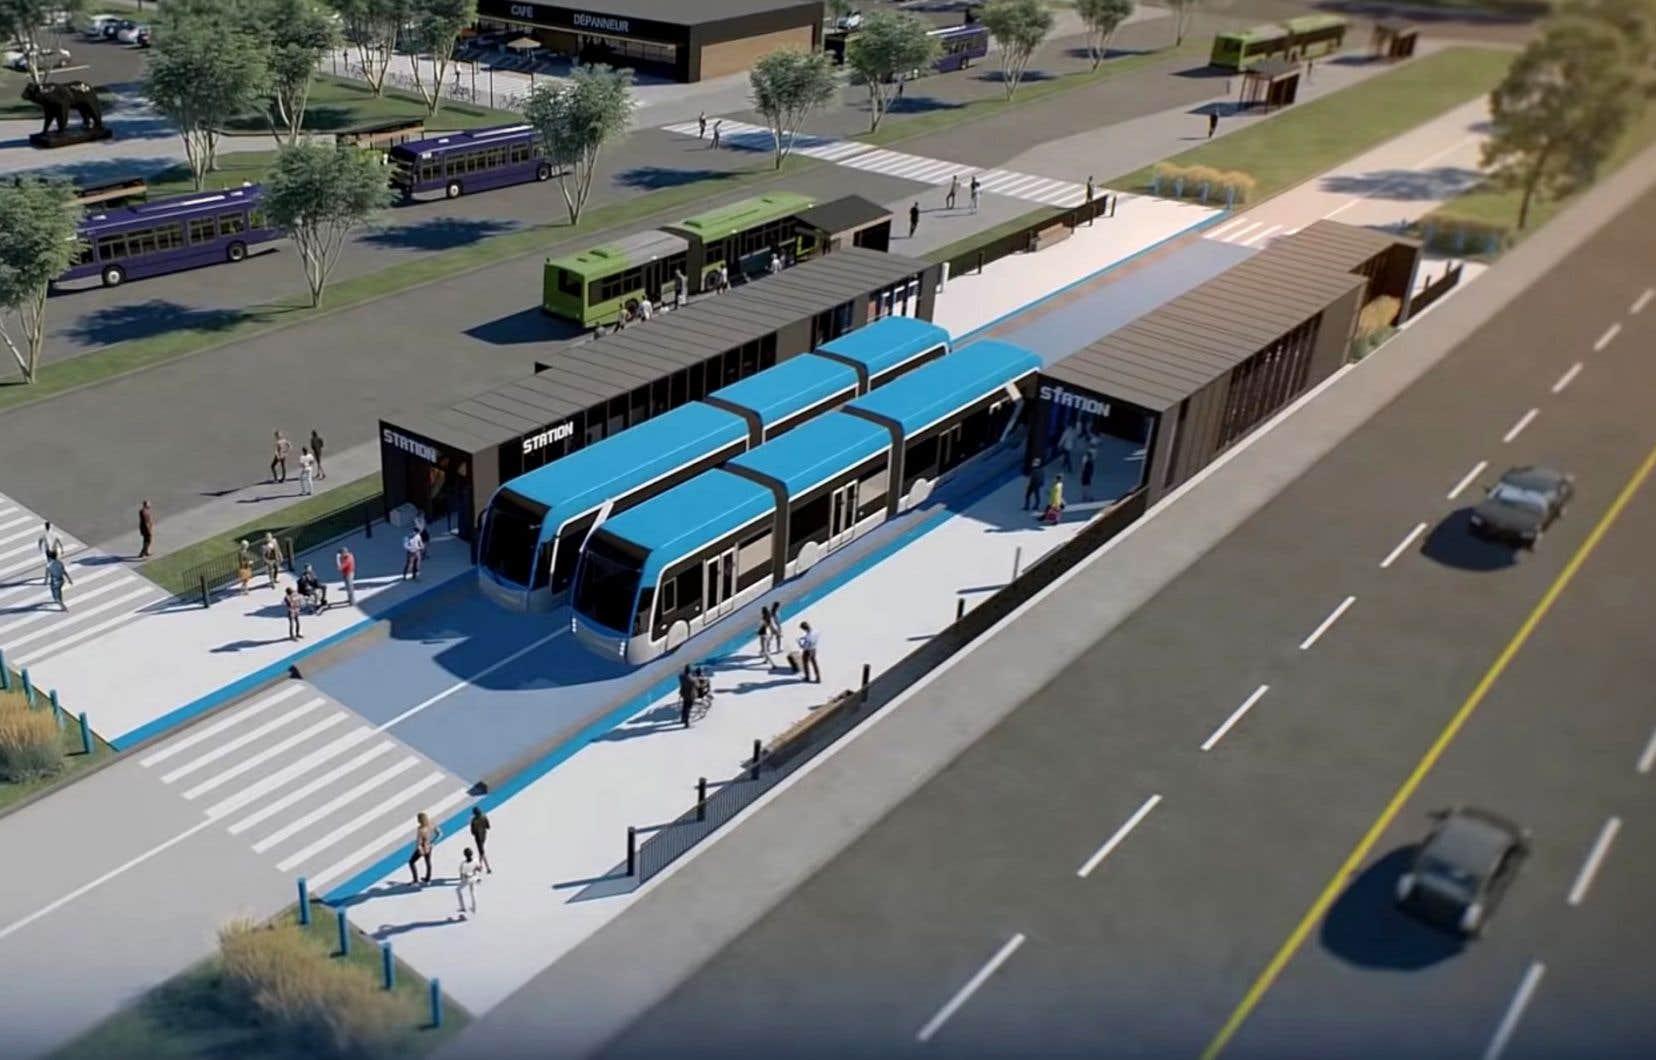 Questionné au sujet de l'opposition au projet de tramway, le maire Régis Labeaume a notamment souligné que les électeurs ont voté pour son projet de «mobilité», son «système de transport en commun structurant» incluant des voies réservées, aux dernières élections.